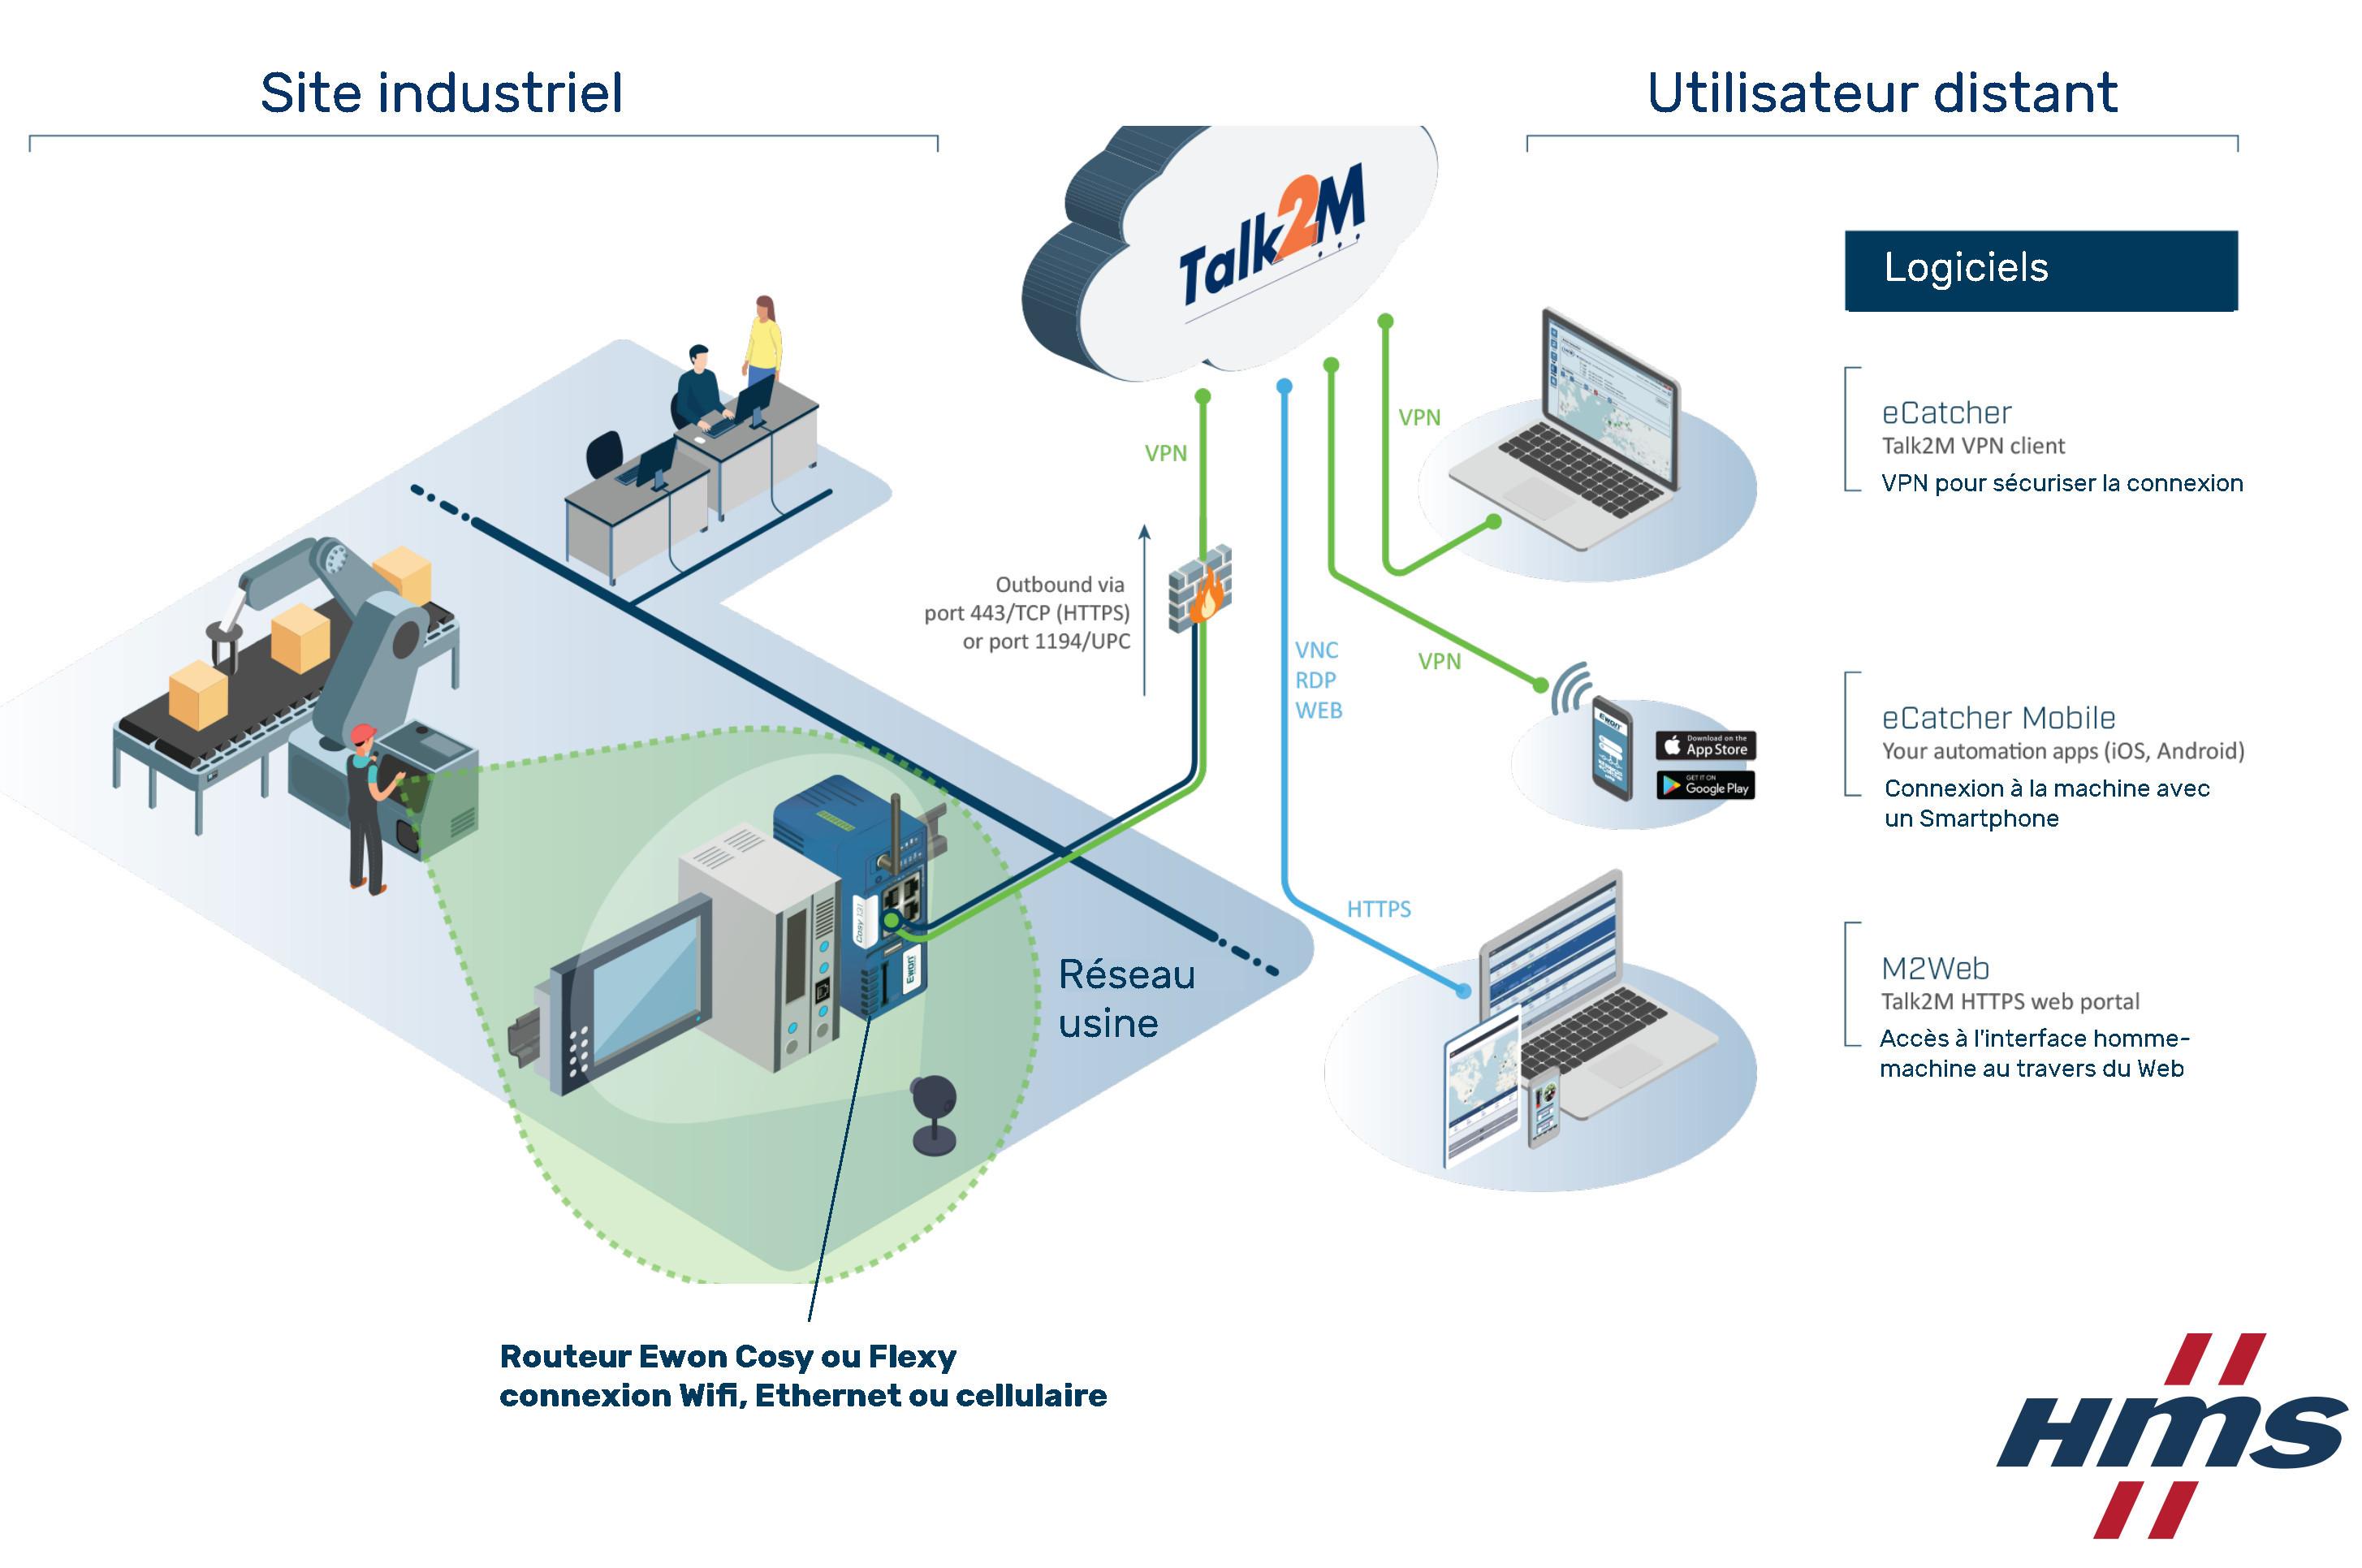 Comment fonctionne les routeurs industriels Ewon